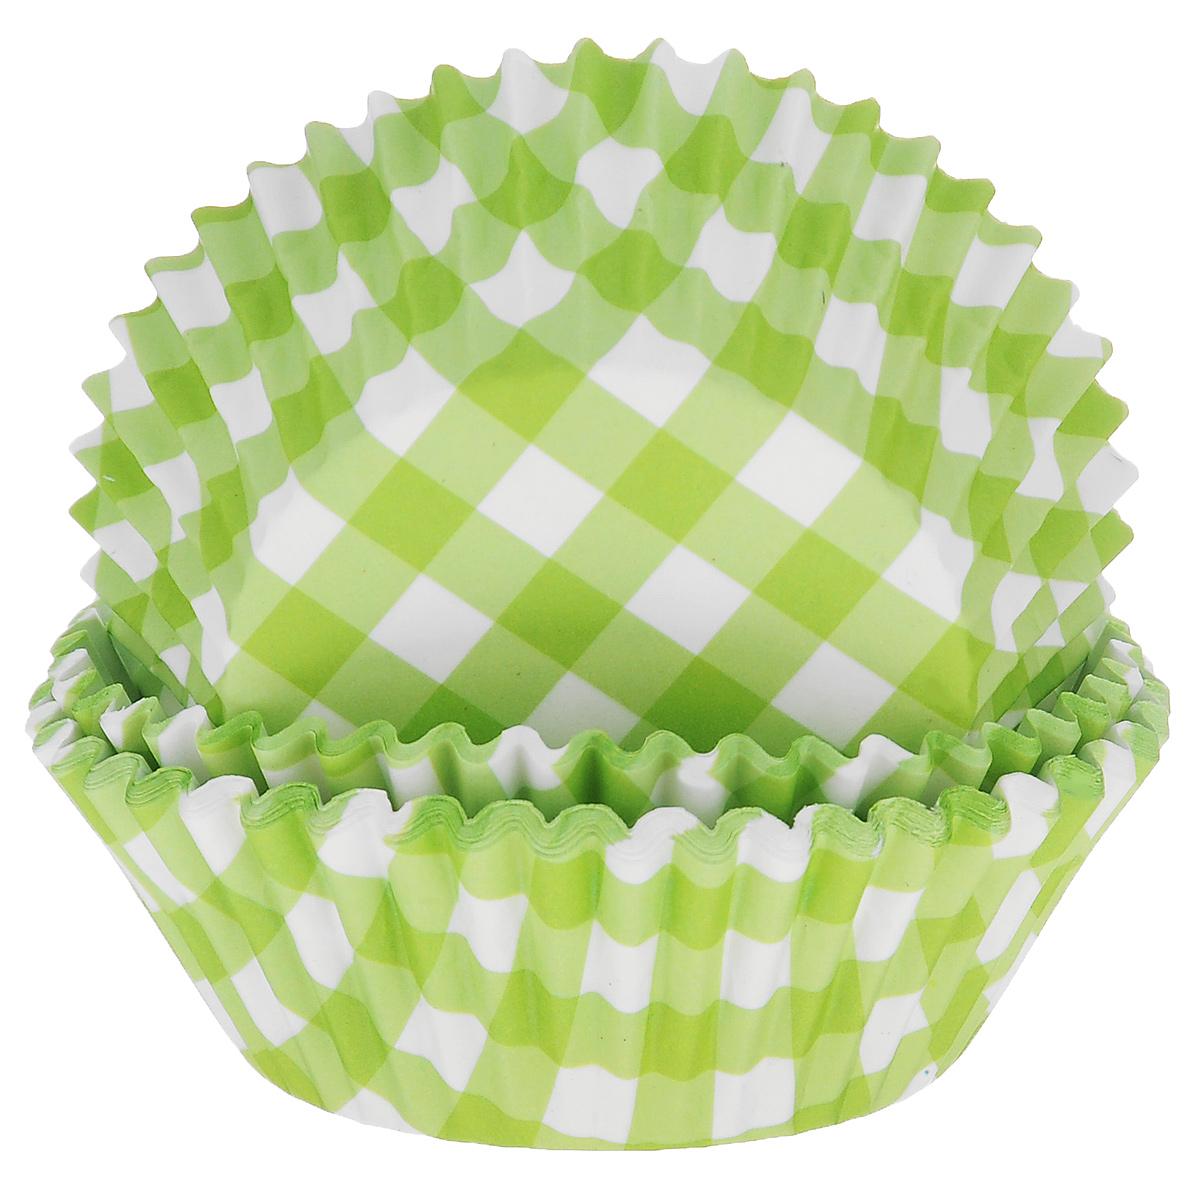 Набор бумажных форм для кексов Dolce Arti Клетка, цвет: зеленый, диаметр 7 см, 50 штDA080208Набор Dolce Arti Клетка состоит из 50 бумажных форм для кексов, оформленных принтом в клетку. Они предназначены для выпечки и упаковки кондитерских изделий, также могут использоваться для сервировки орешков, конфет и много другого. Для одноразового применения. Гофрированные бумажные формы идеальны для выпечки кексов, булочек и пирожных. Высота стенки: 3 см. Диаметр (по верхнему краю): 7 см.